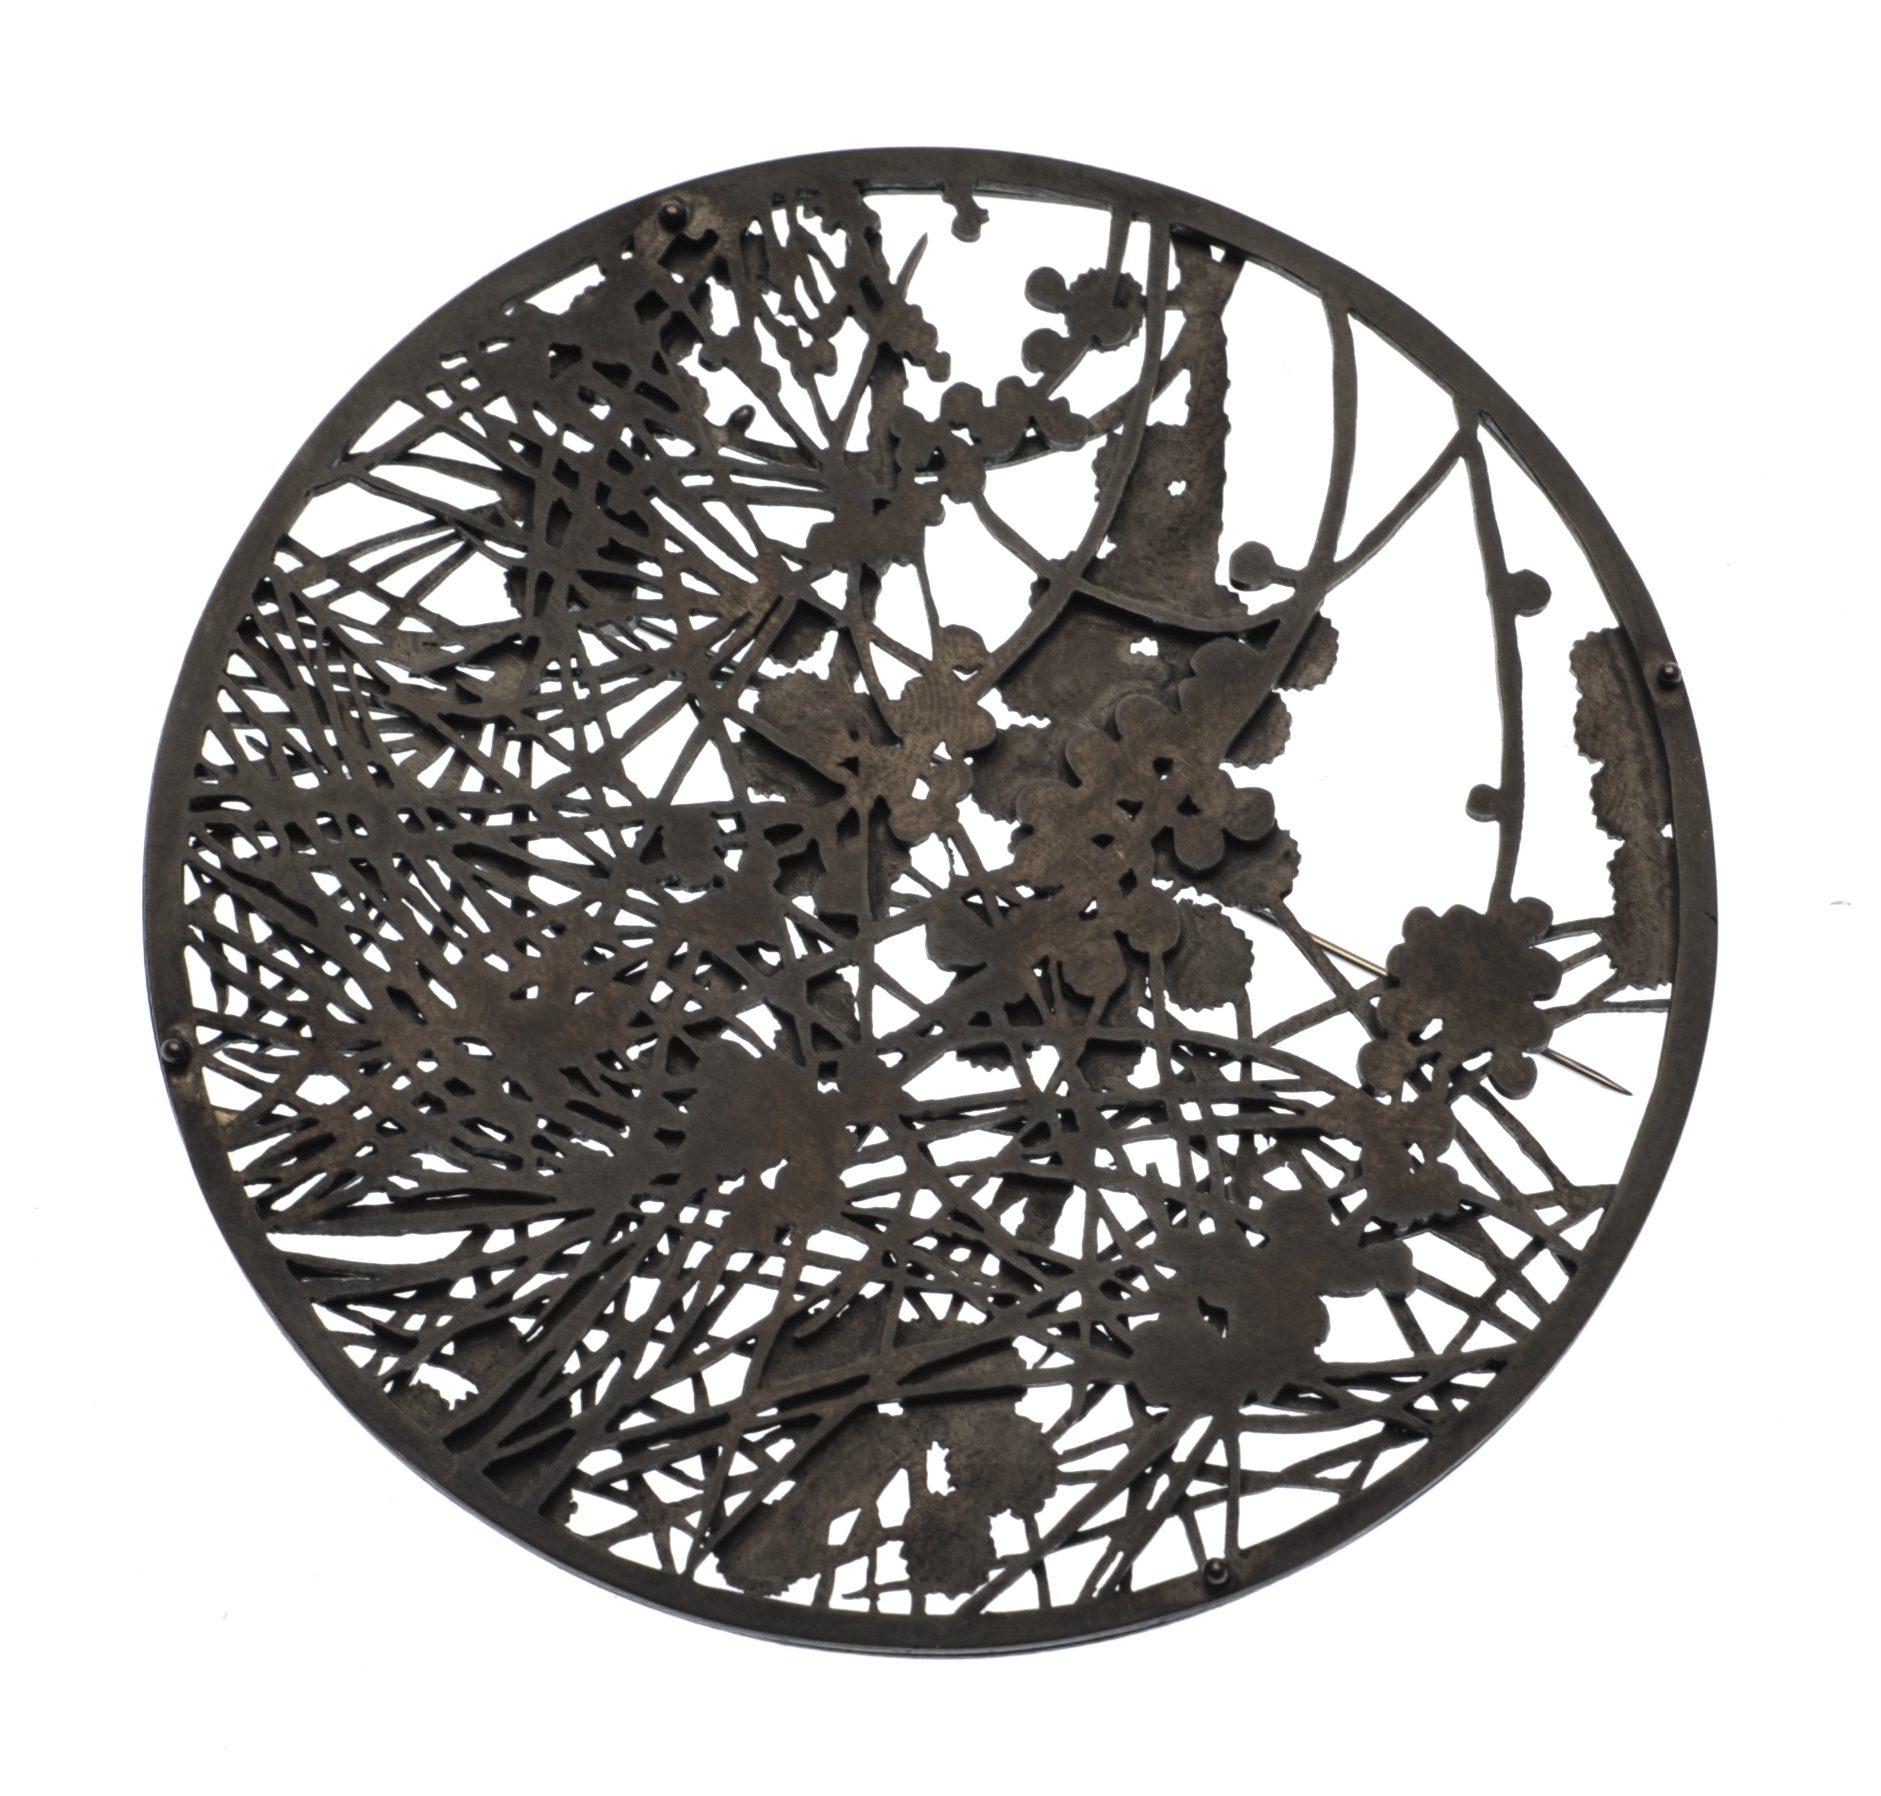 Marian Hosking, Casuarina Grampians, broche, 2014, gezwart en gezaagd zilver